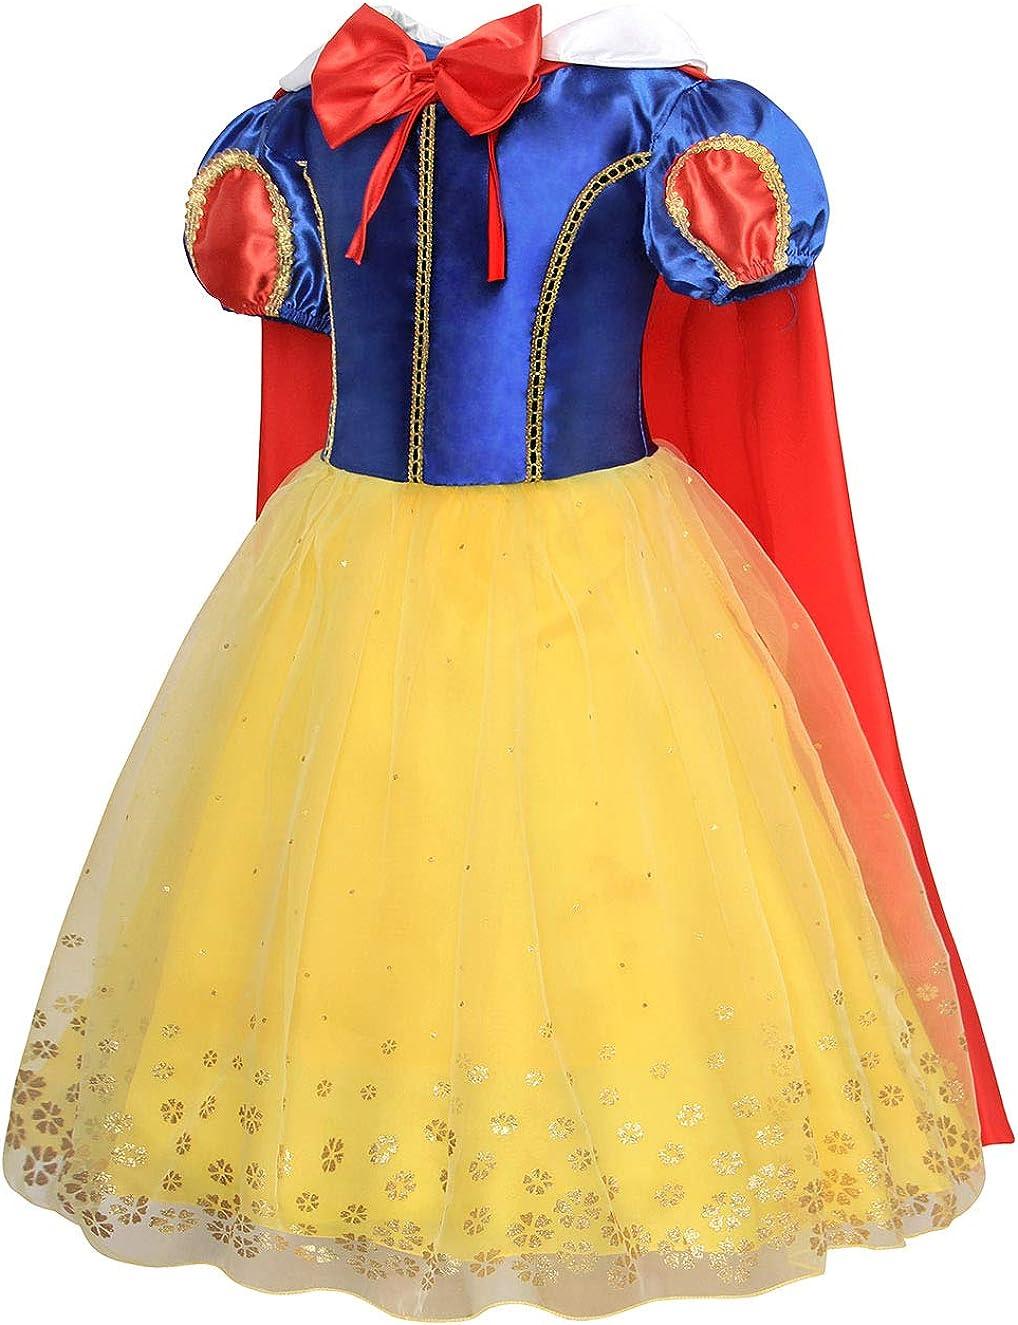 Jurebecia Disfraz de Blancanieves Vestidos de cumplea/ños para ni/ña de Halloween Cosplay Role Play Dress Up Disfraz de Fiesta Elegante Vestidos de Princesa Amarillo